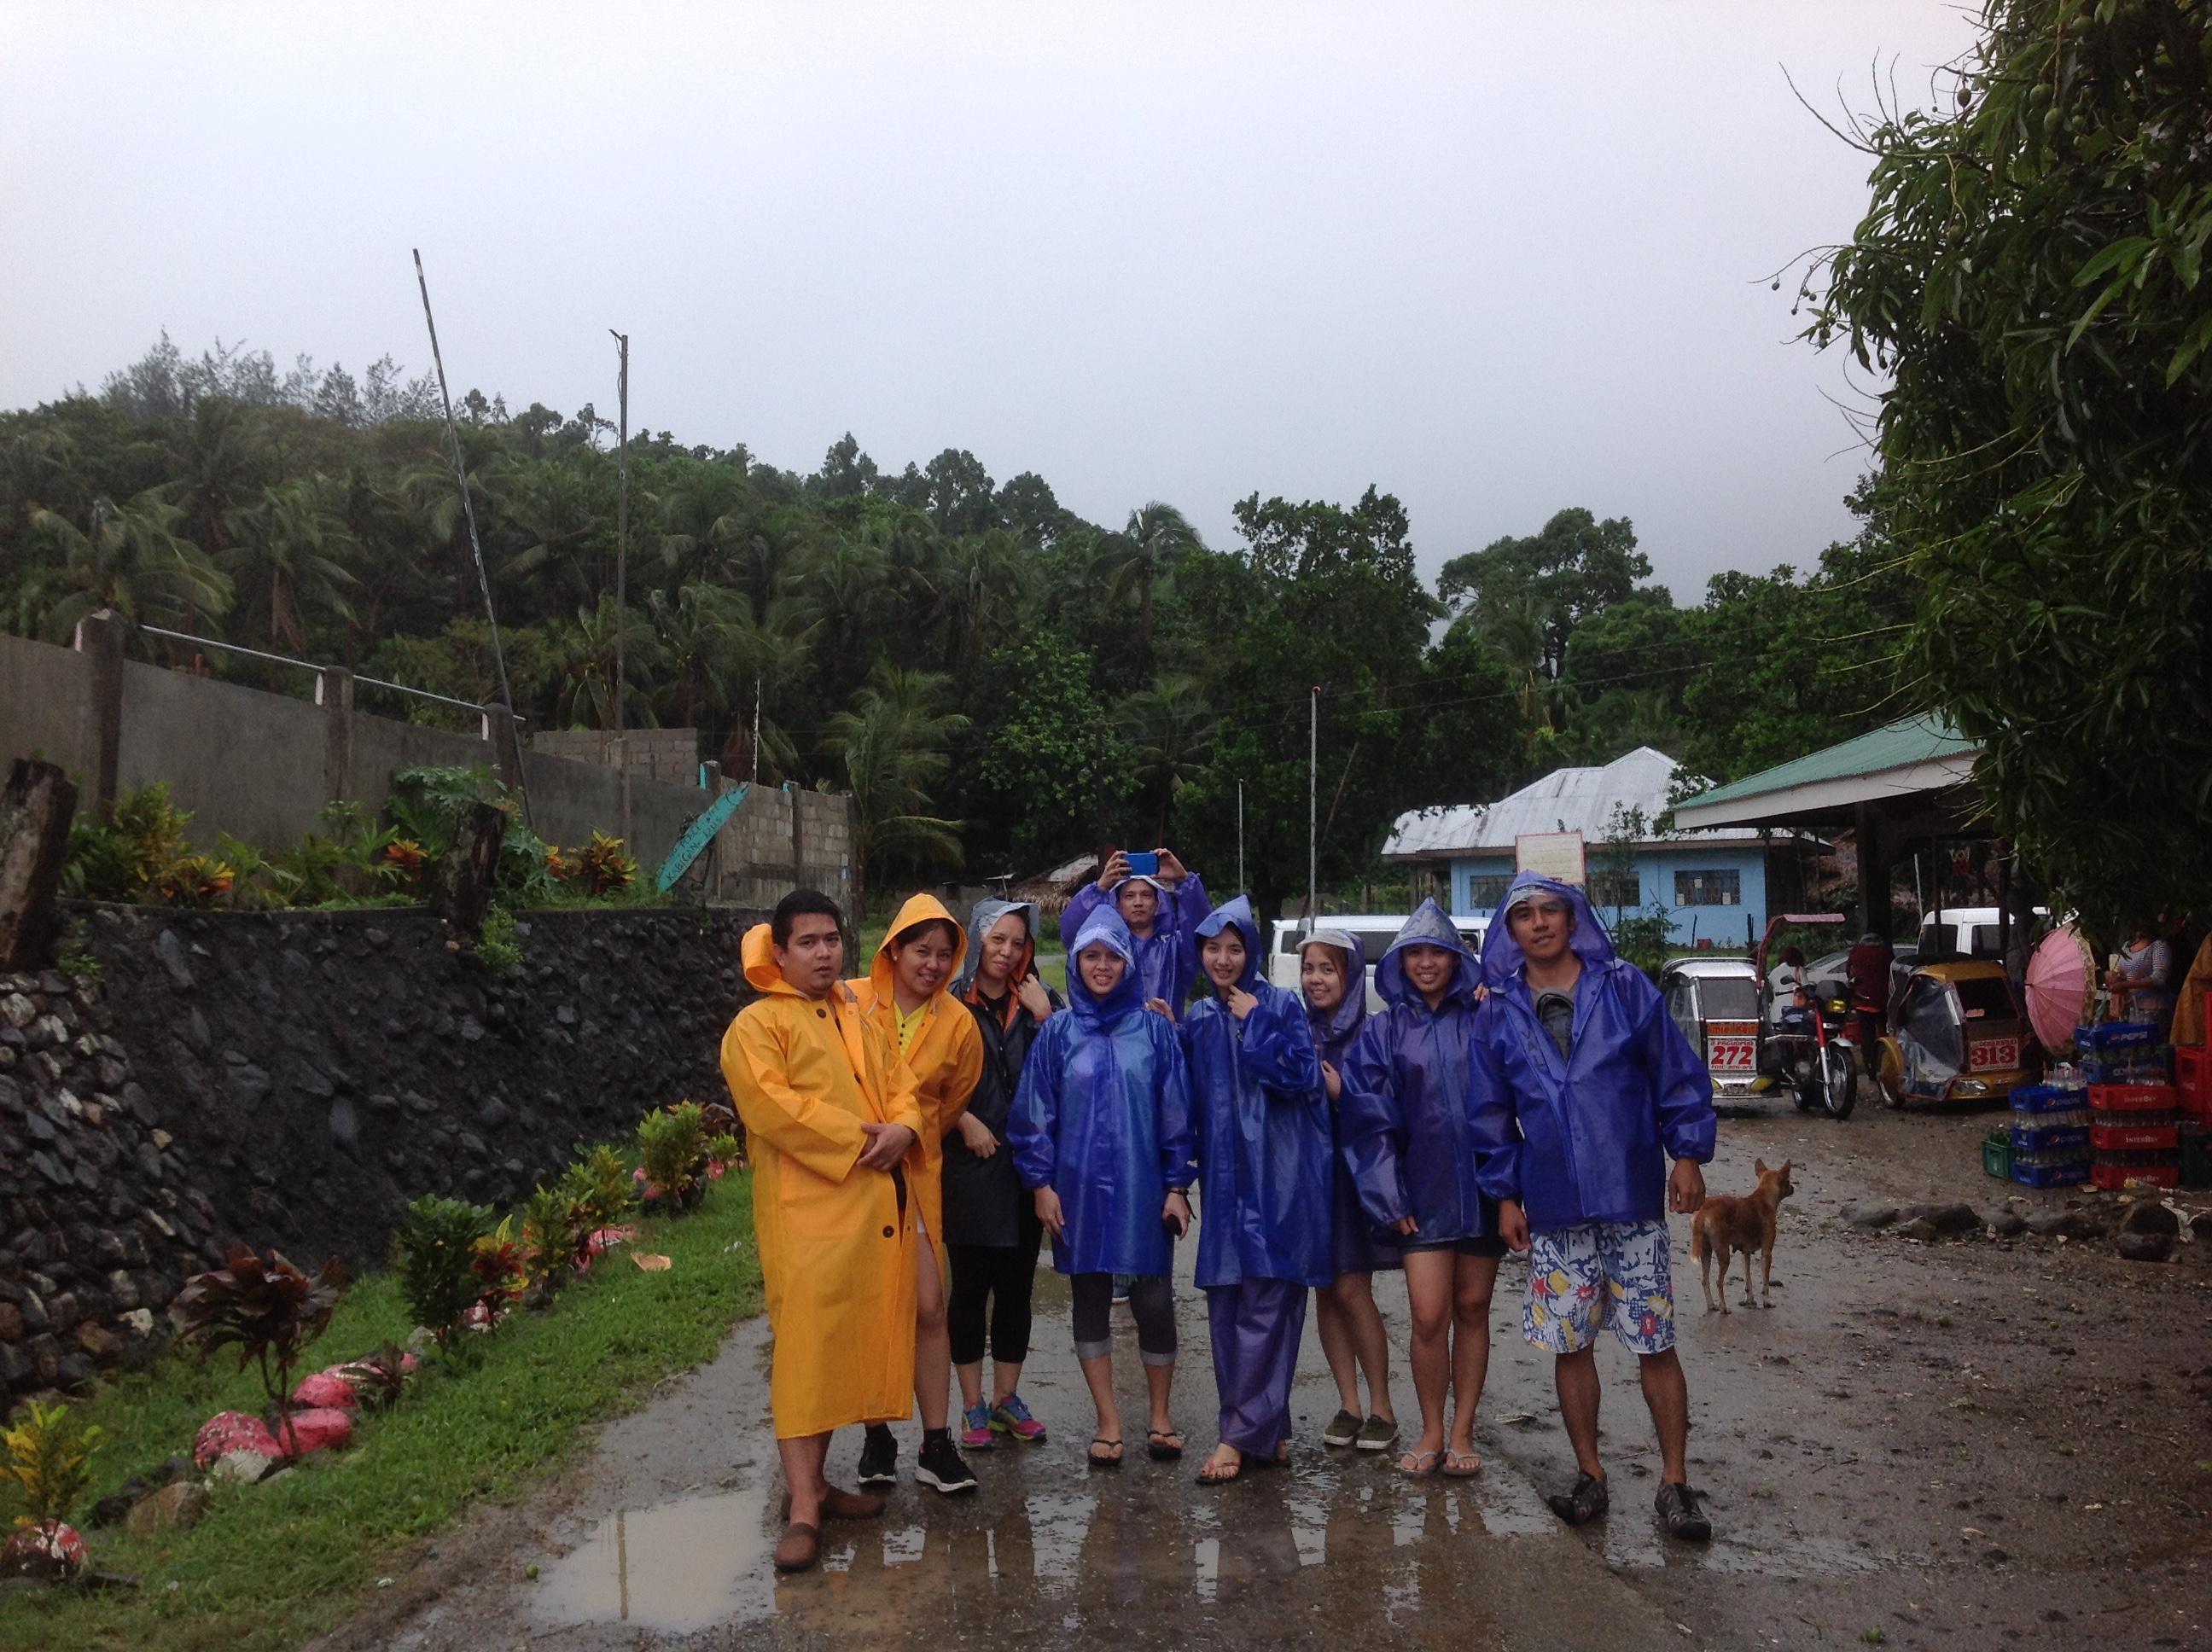 Kabigan Falls, Pagudpud Falls, Baluarte Falls, Ilocos Falls, Ilocos Norte Falls, Ilocos Sur Falls, Kaibigan Falls, Falls Iloco, Ilocos Trek, Ilocos Hike, Ilocos Trekking, Ilocos Hiking